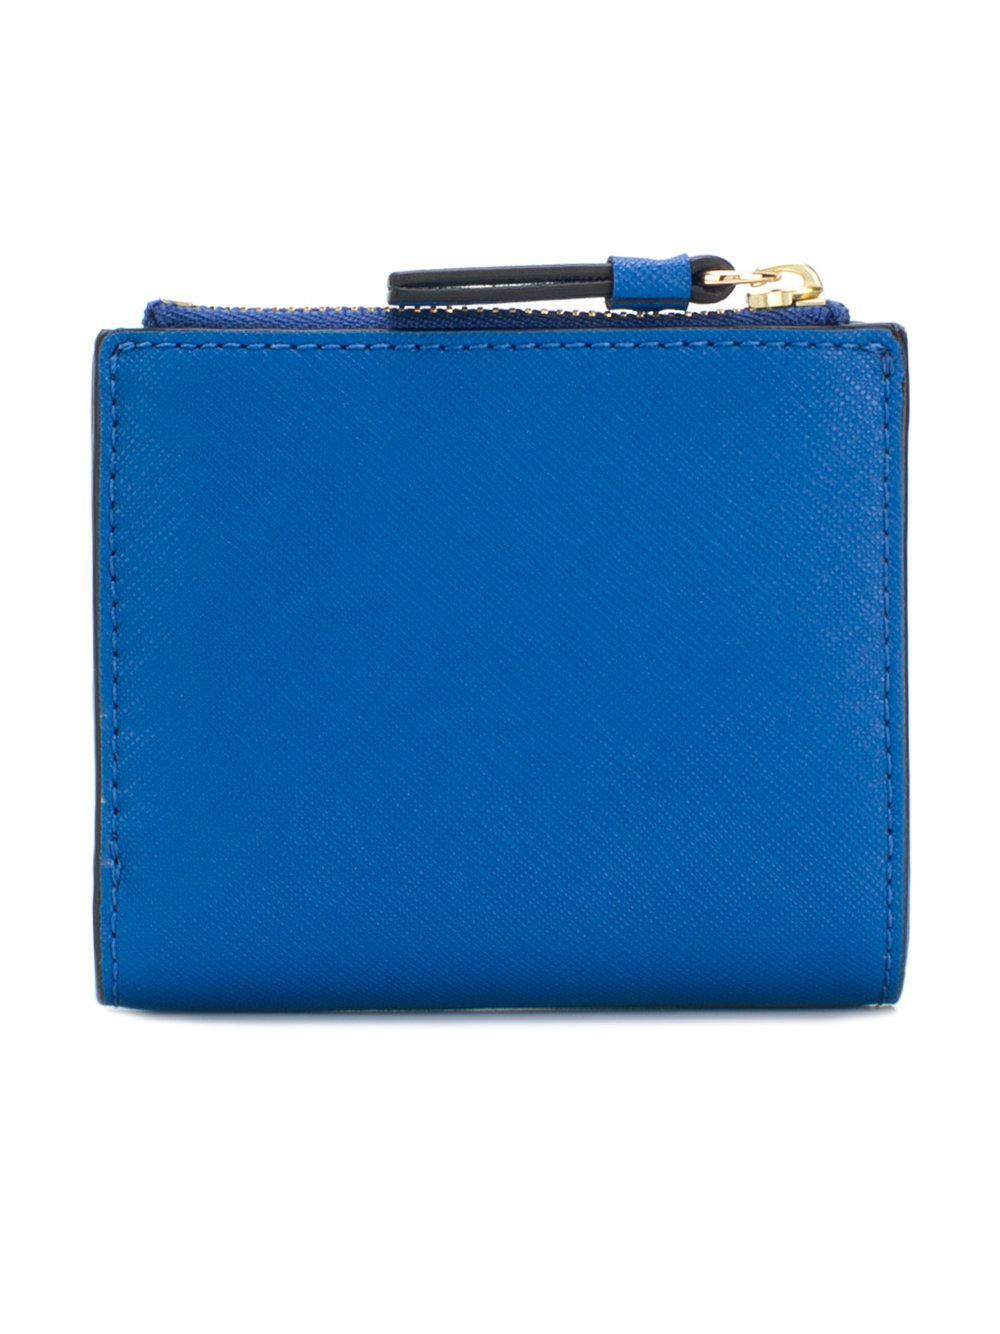 18e31911bbdfe4 Lyst - Portefeuille à plaque logo Tory Burch en coloris Bleu